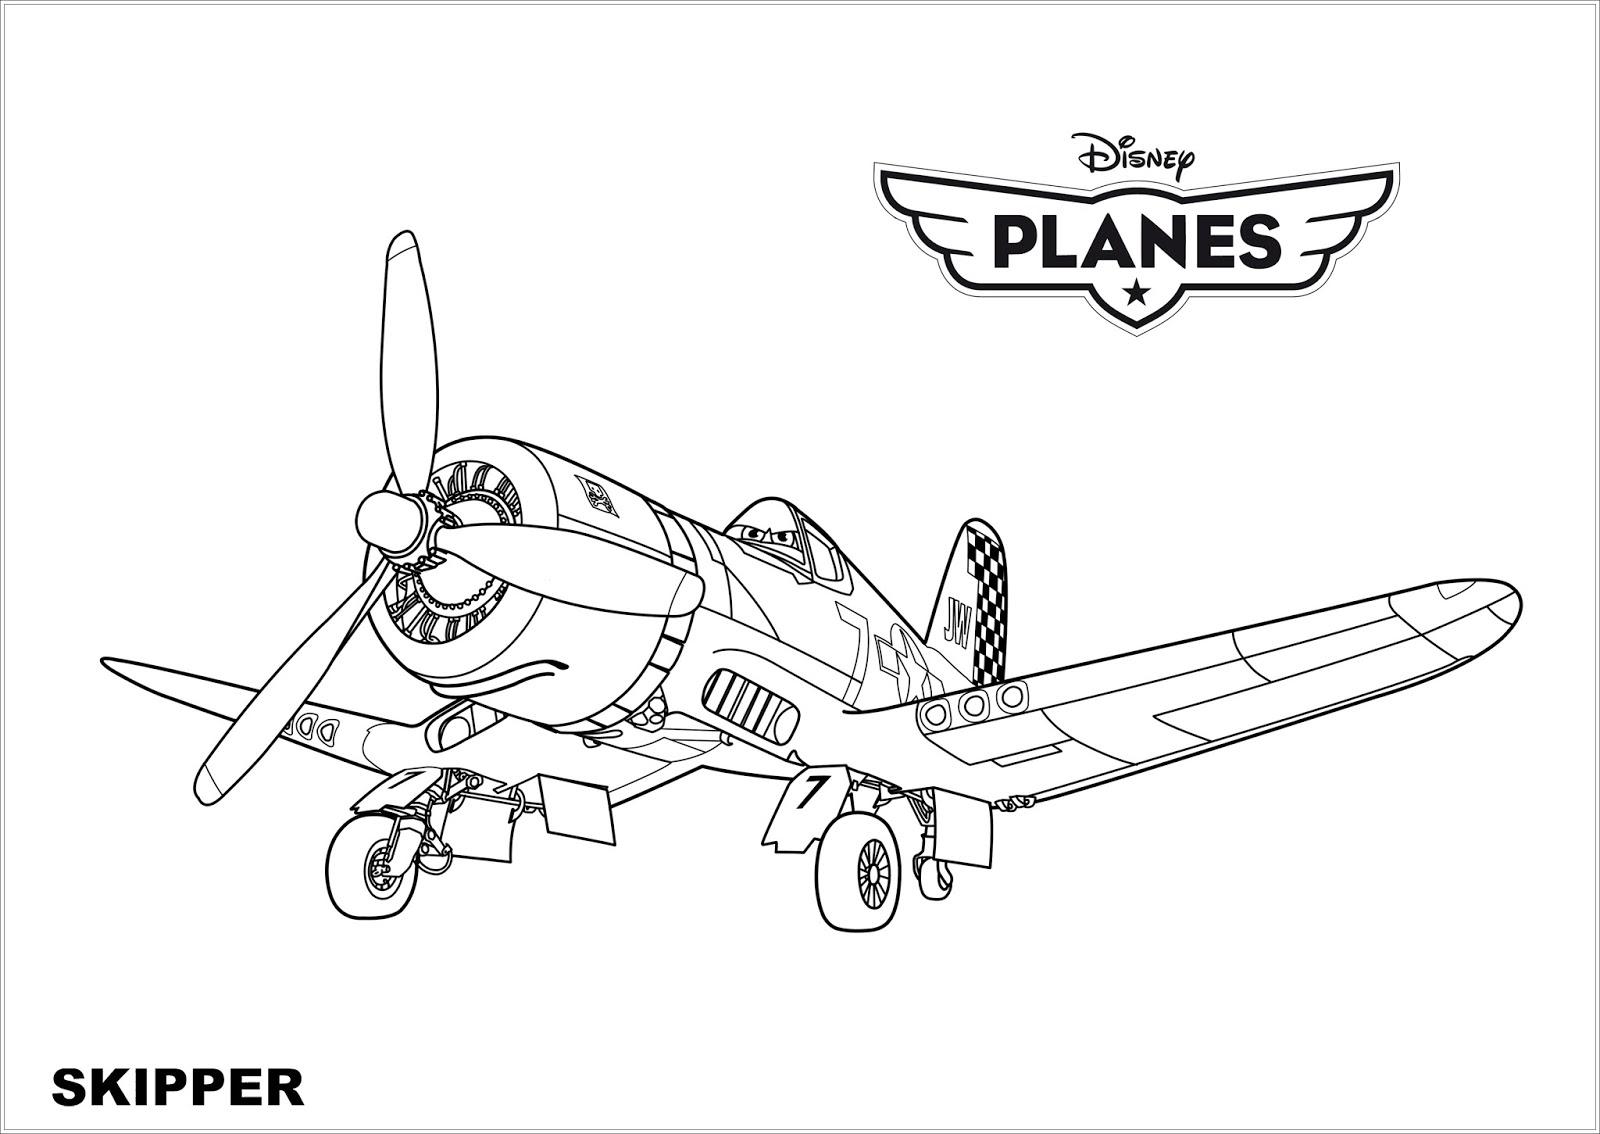 malvorlagen kostenlos planes  coloring and malvorlagan